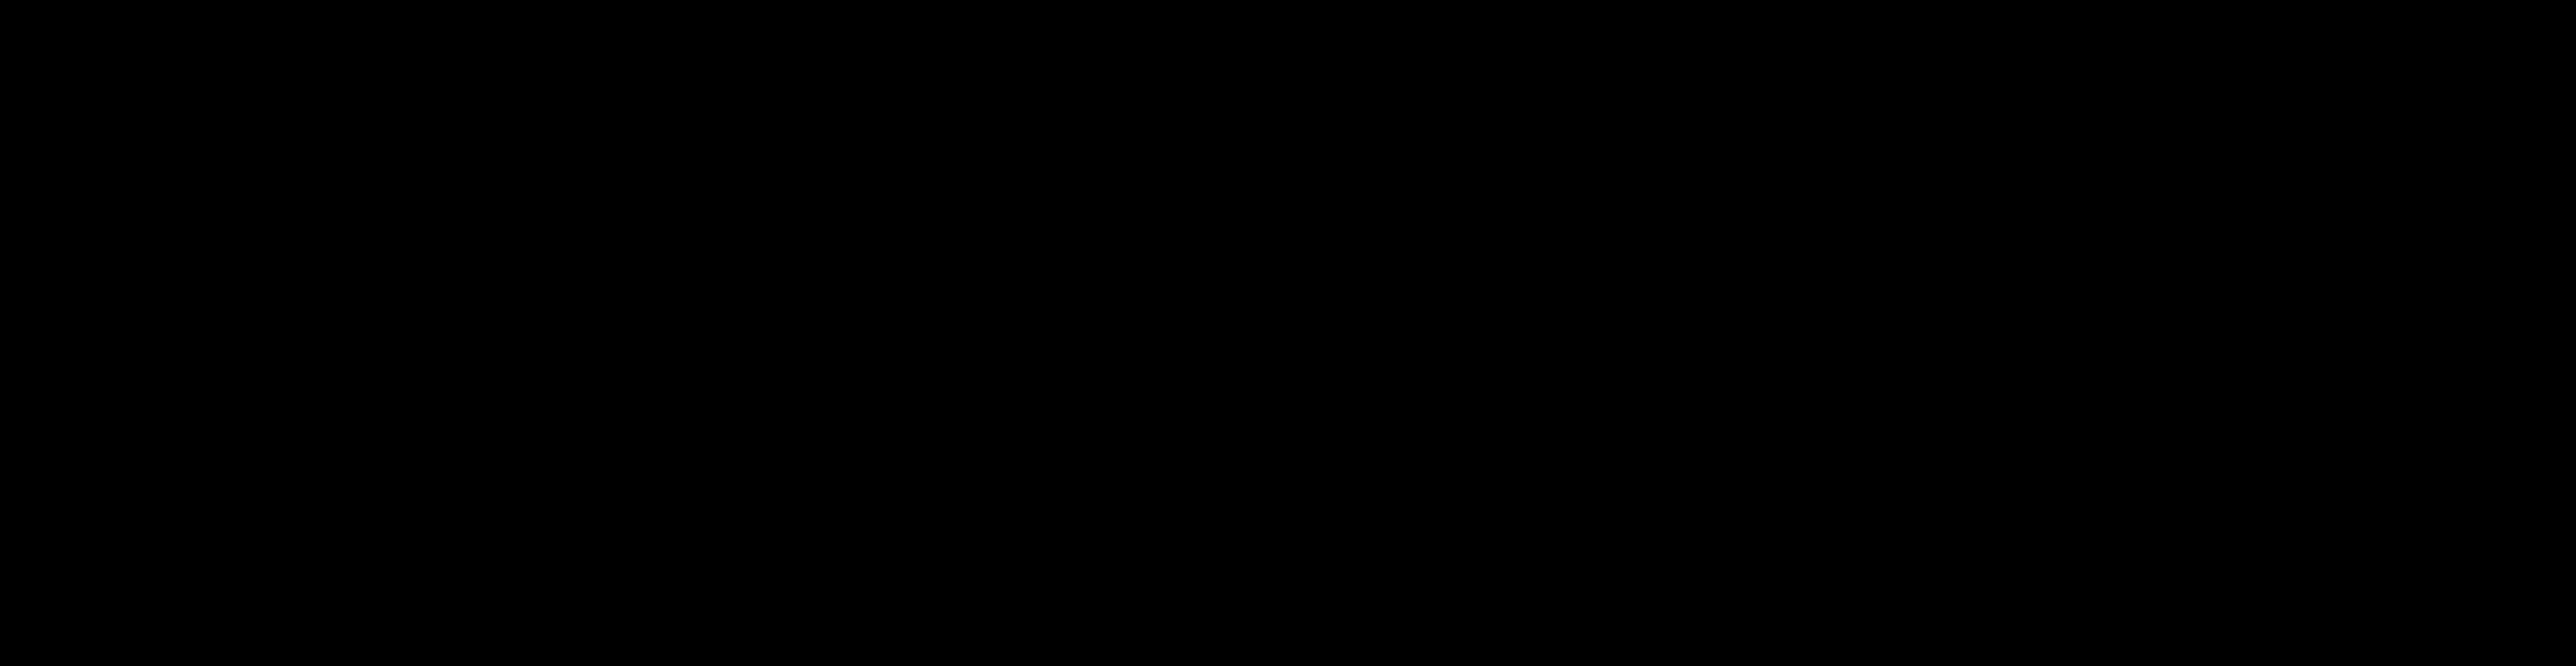 PanU CTB